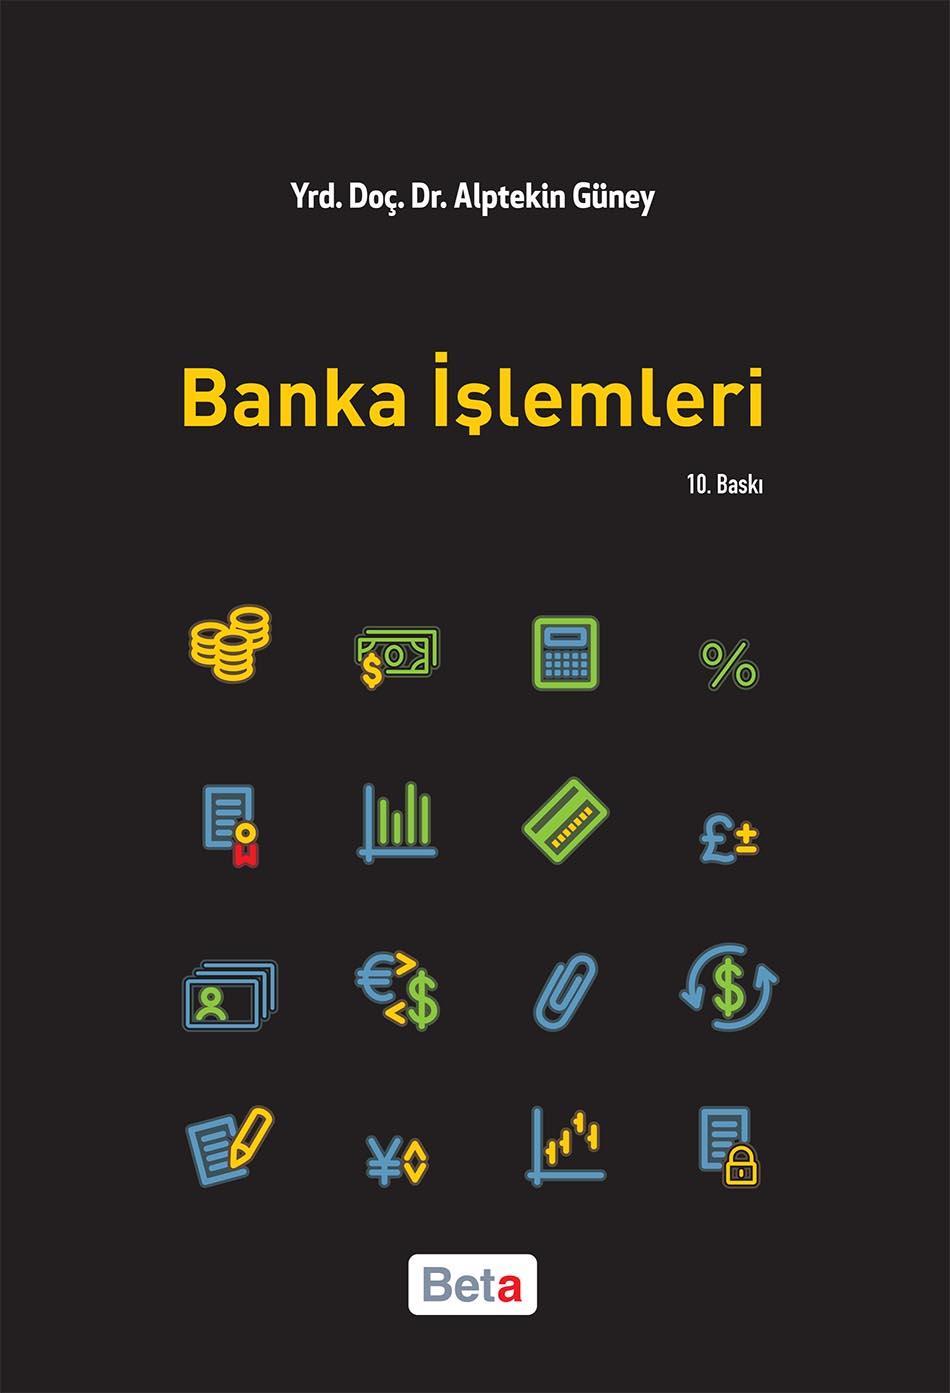 Ticari Bankaların Pasif İşlemleri